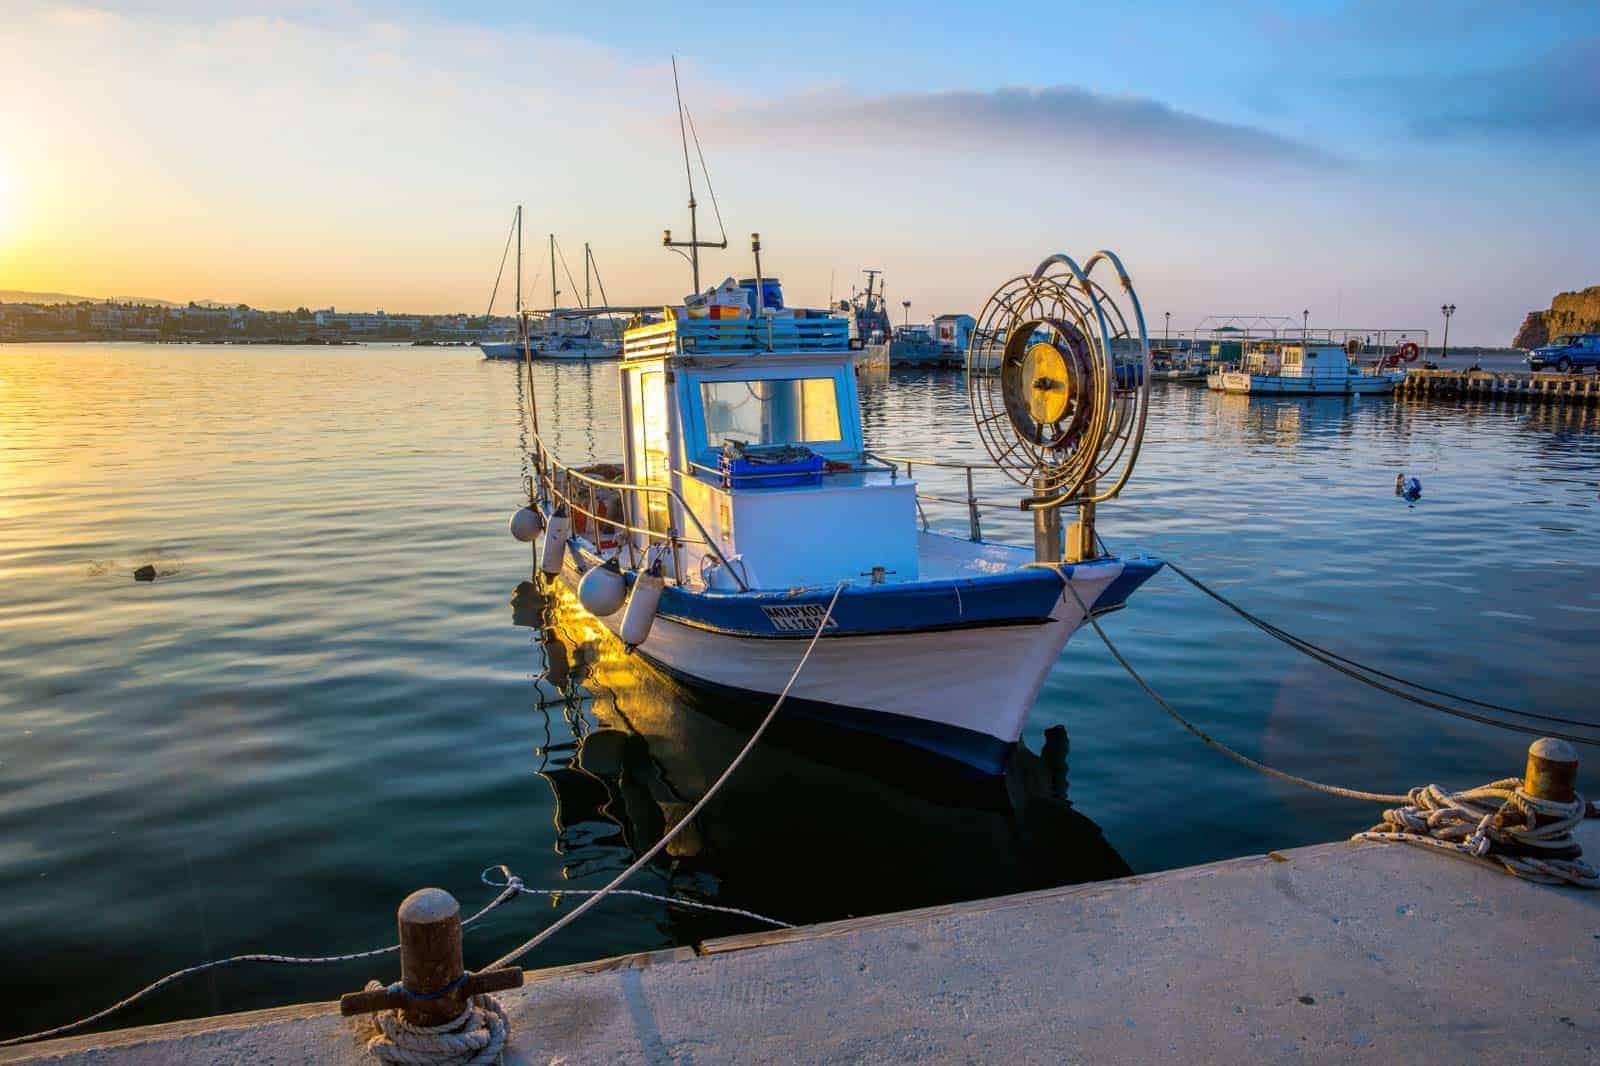 Barcos em Paphos, Cchipre